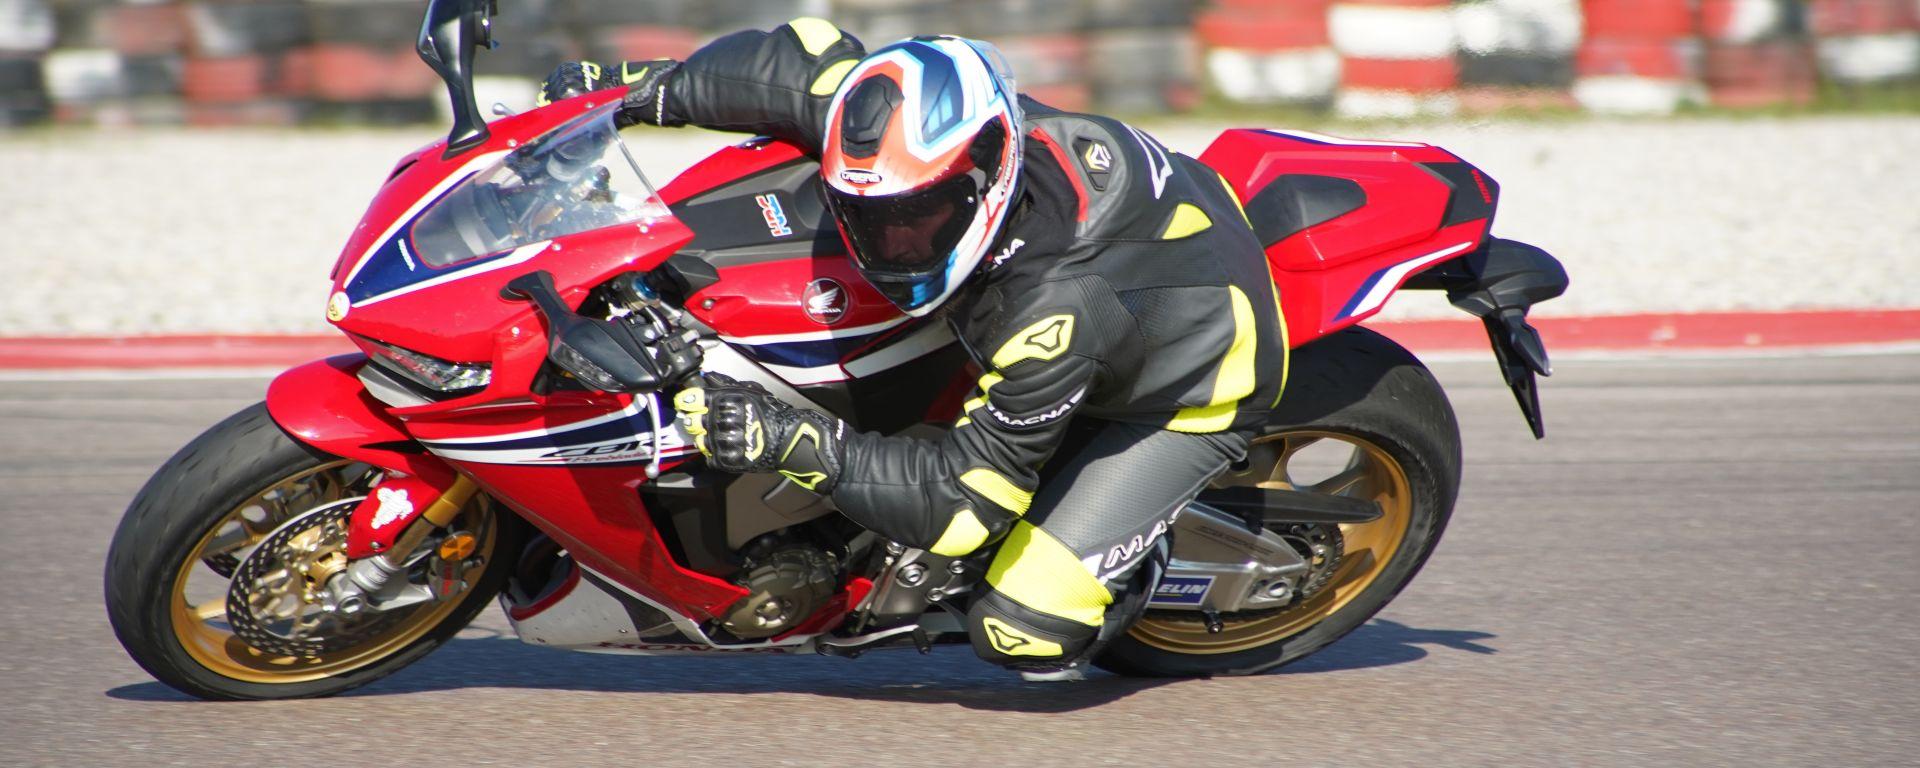 Honda CBR 1000RR Fireblade SP1: in piega